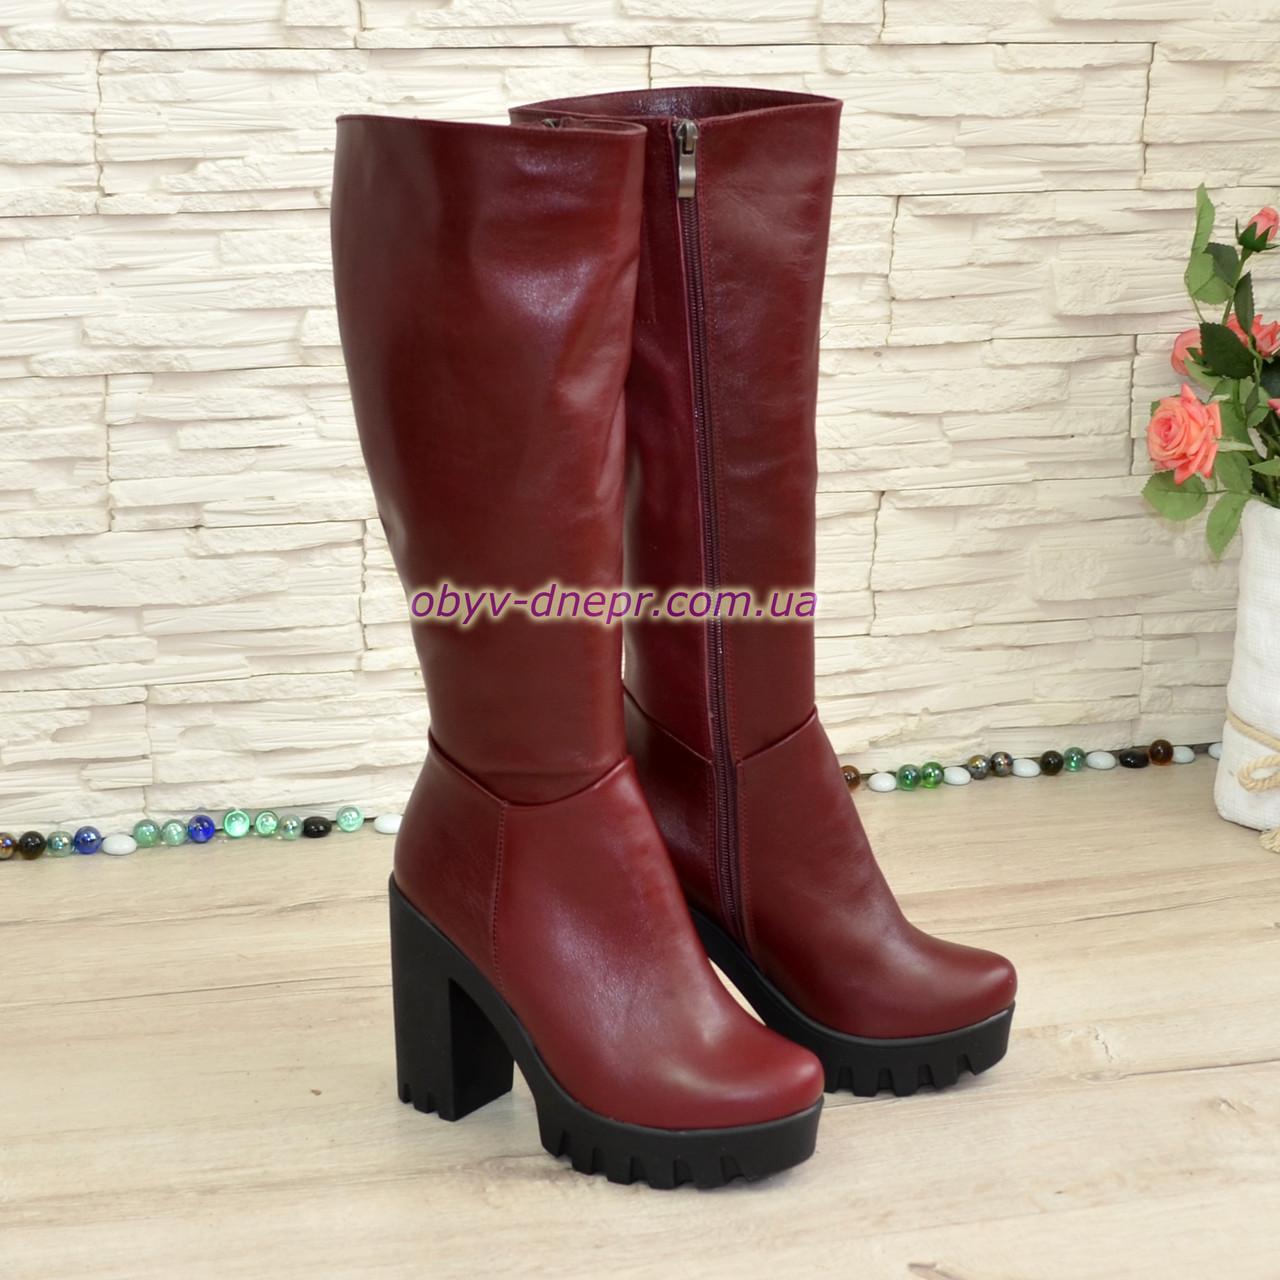 Сапоги зимние кожаные на высоком устойчивом каблуке